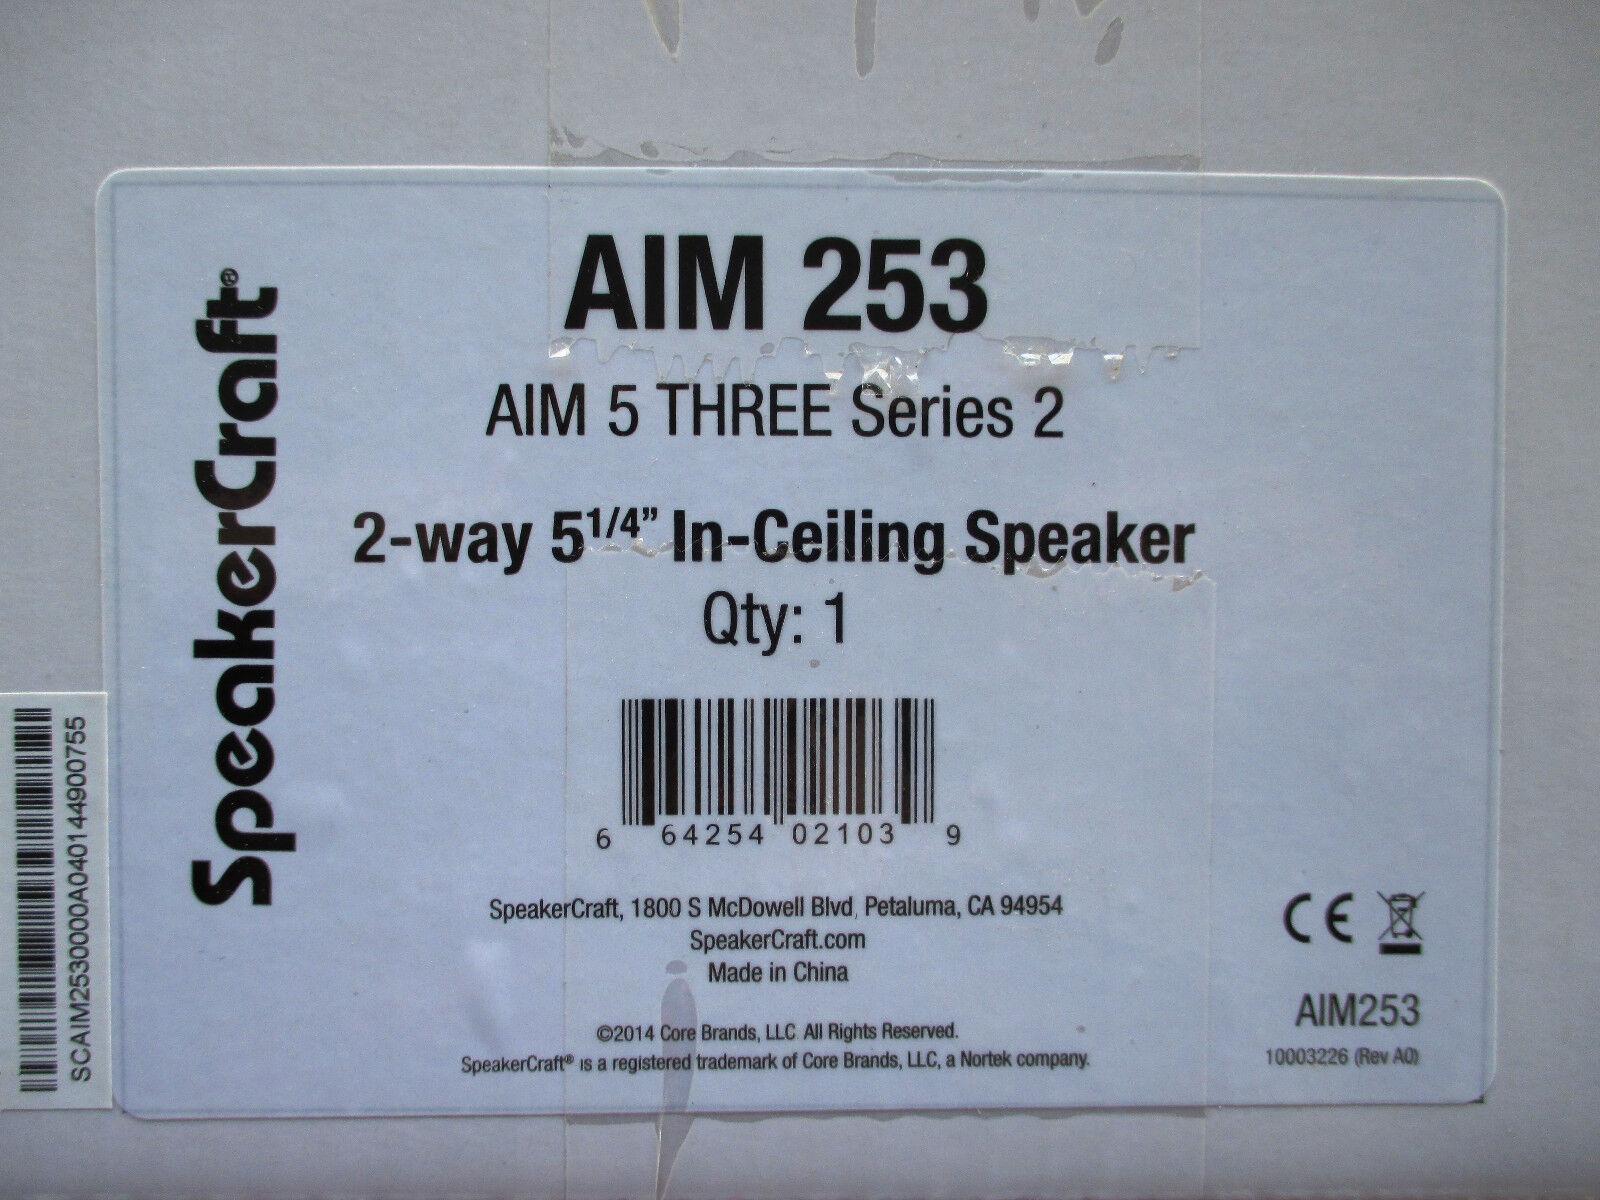 SpeakerCraft AIM 5 THREE Series 2 In-Ceiling Speaker AIM 253